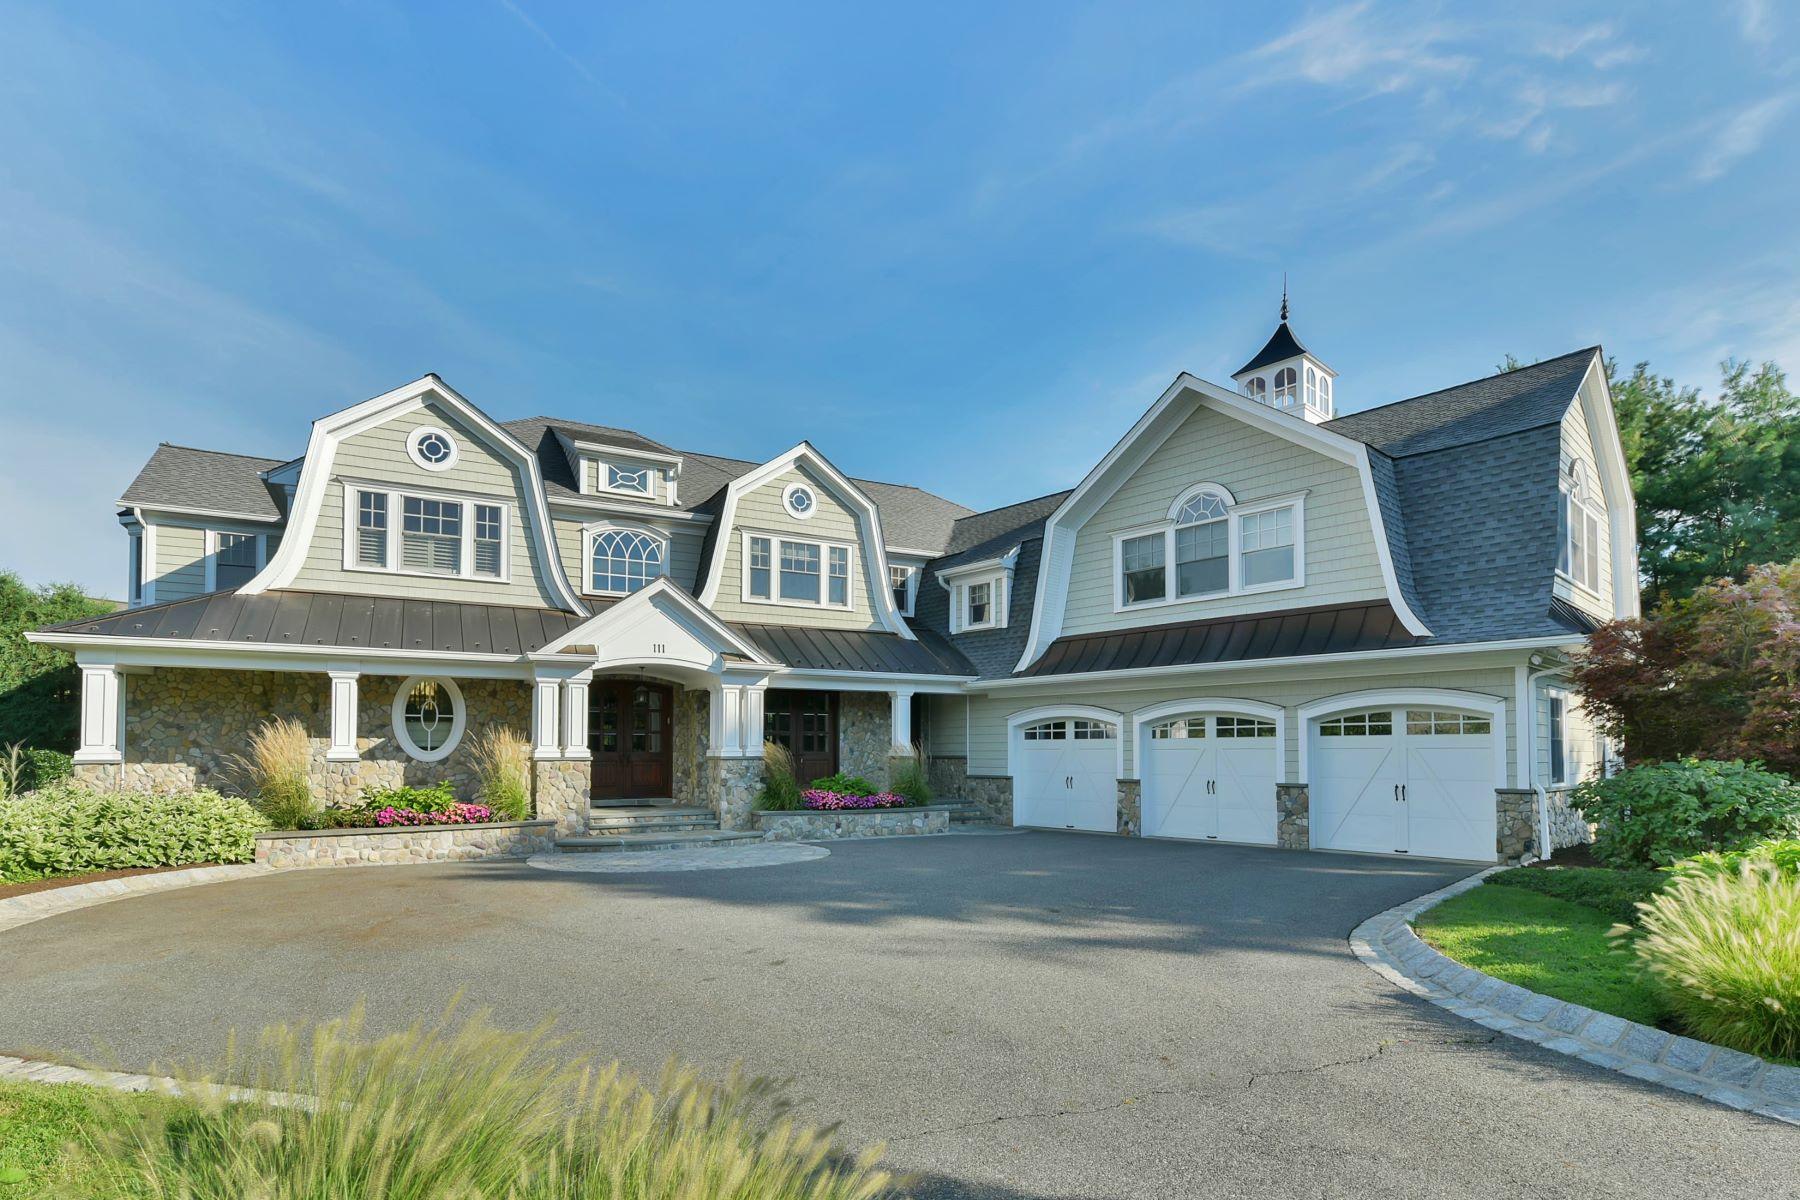 Частный односемейный дом для того Продажа на Classically Elegant Hampton Style Colonial 111 Willow Pond Court Wyckoff, Нью-Джерси 07481 Соединенные Штаты